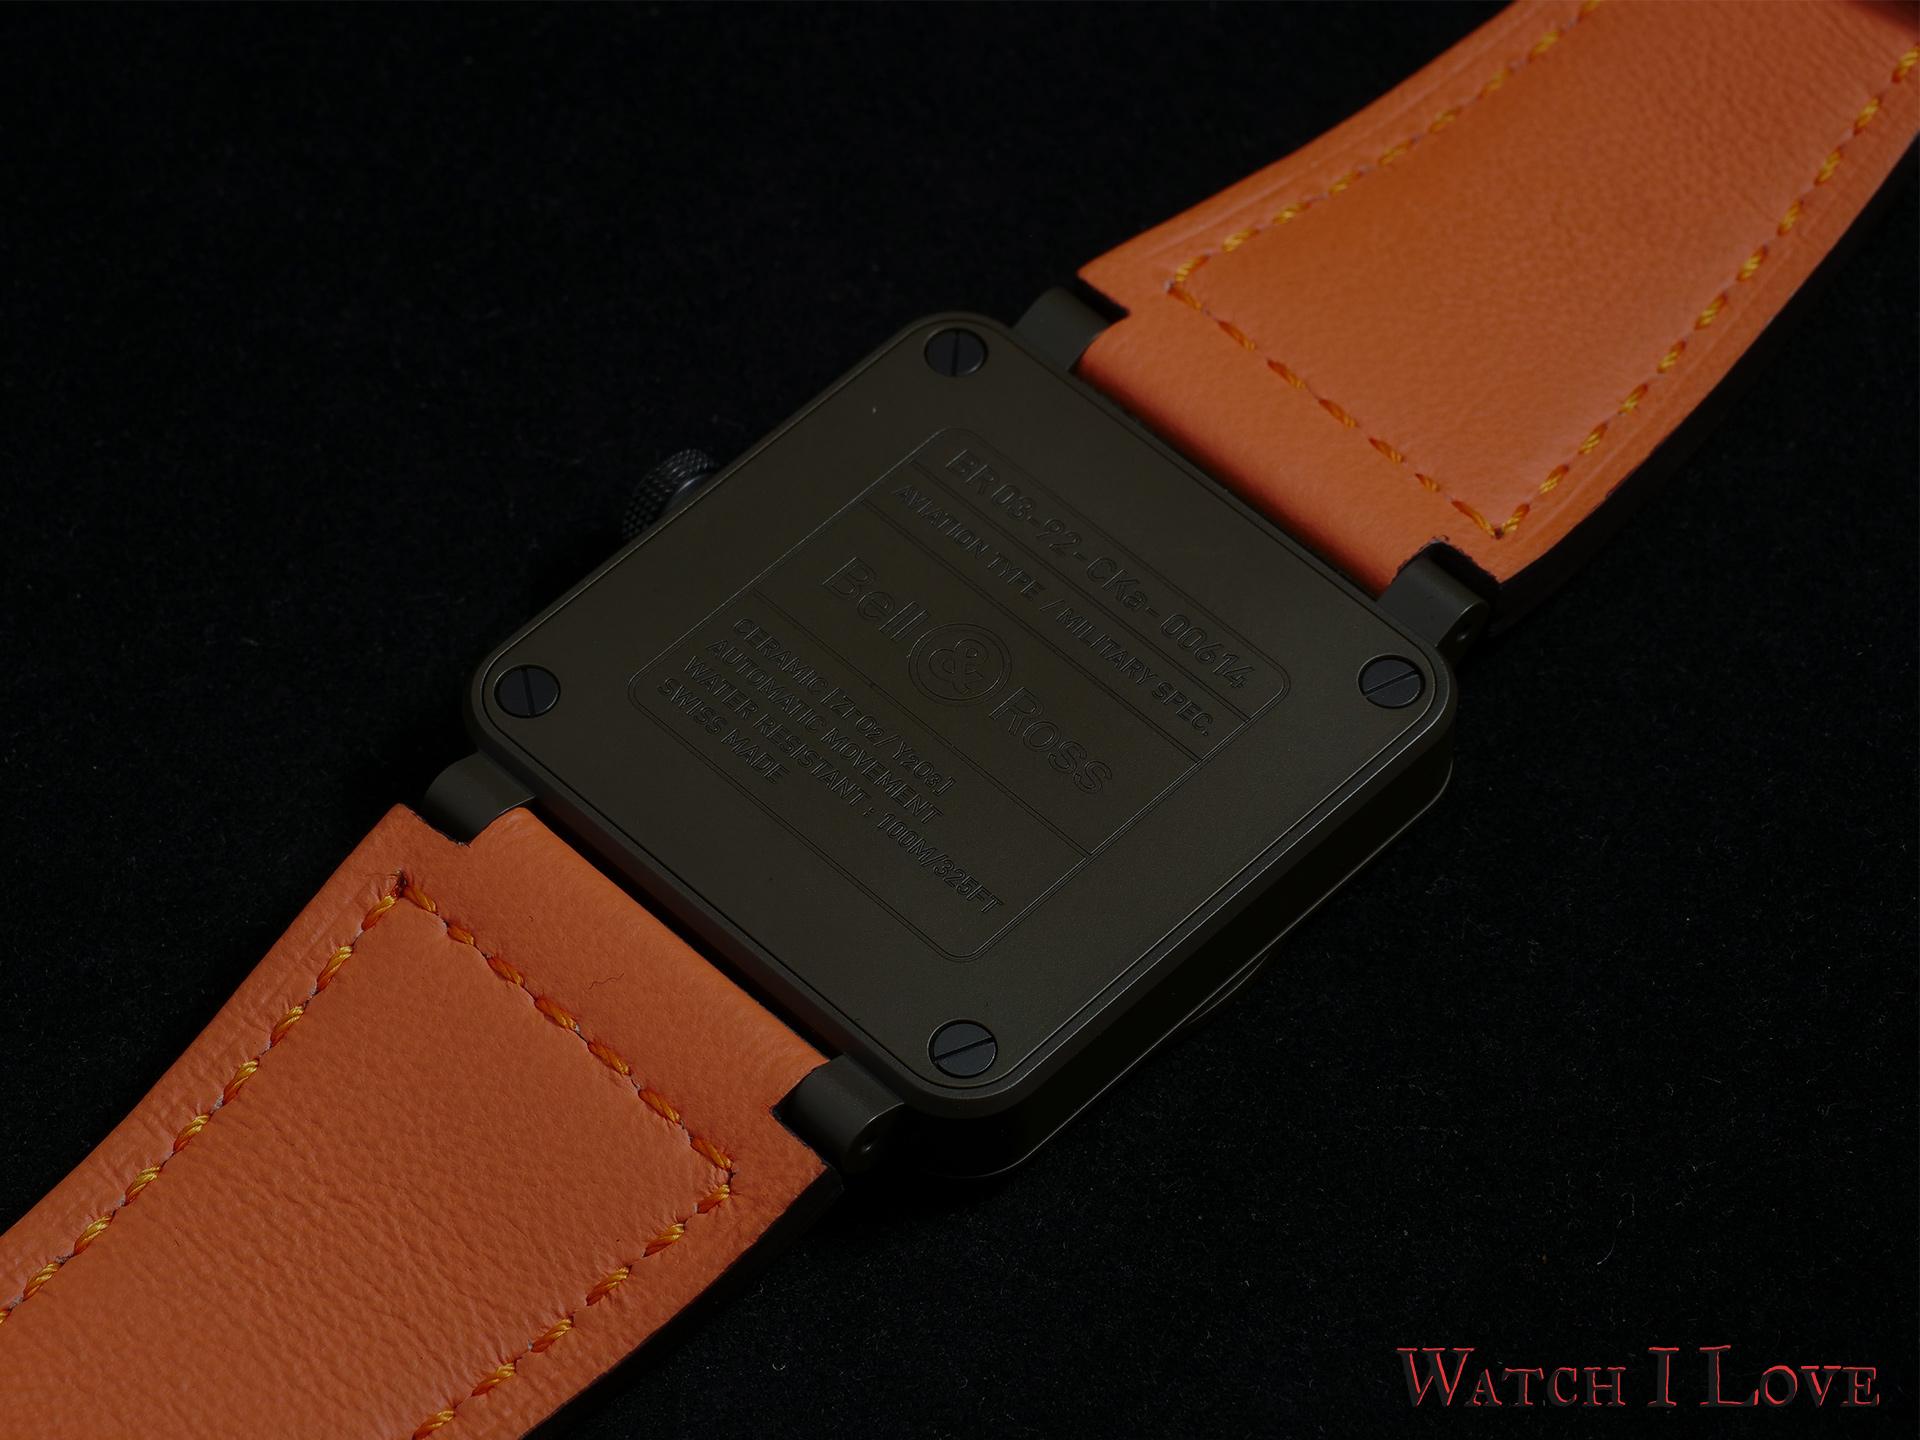 Case back MA-1 watch